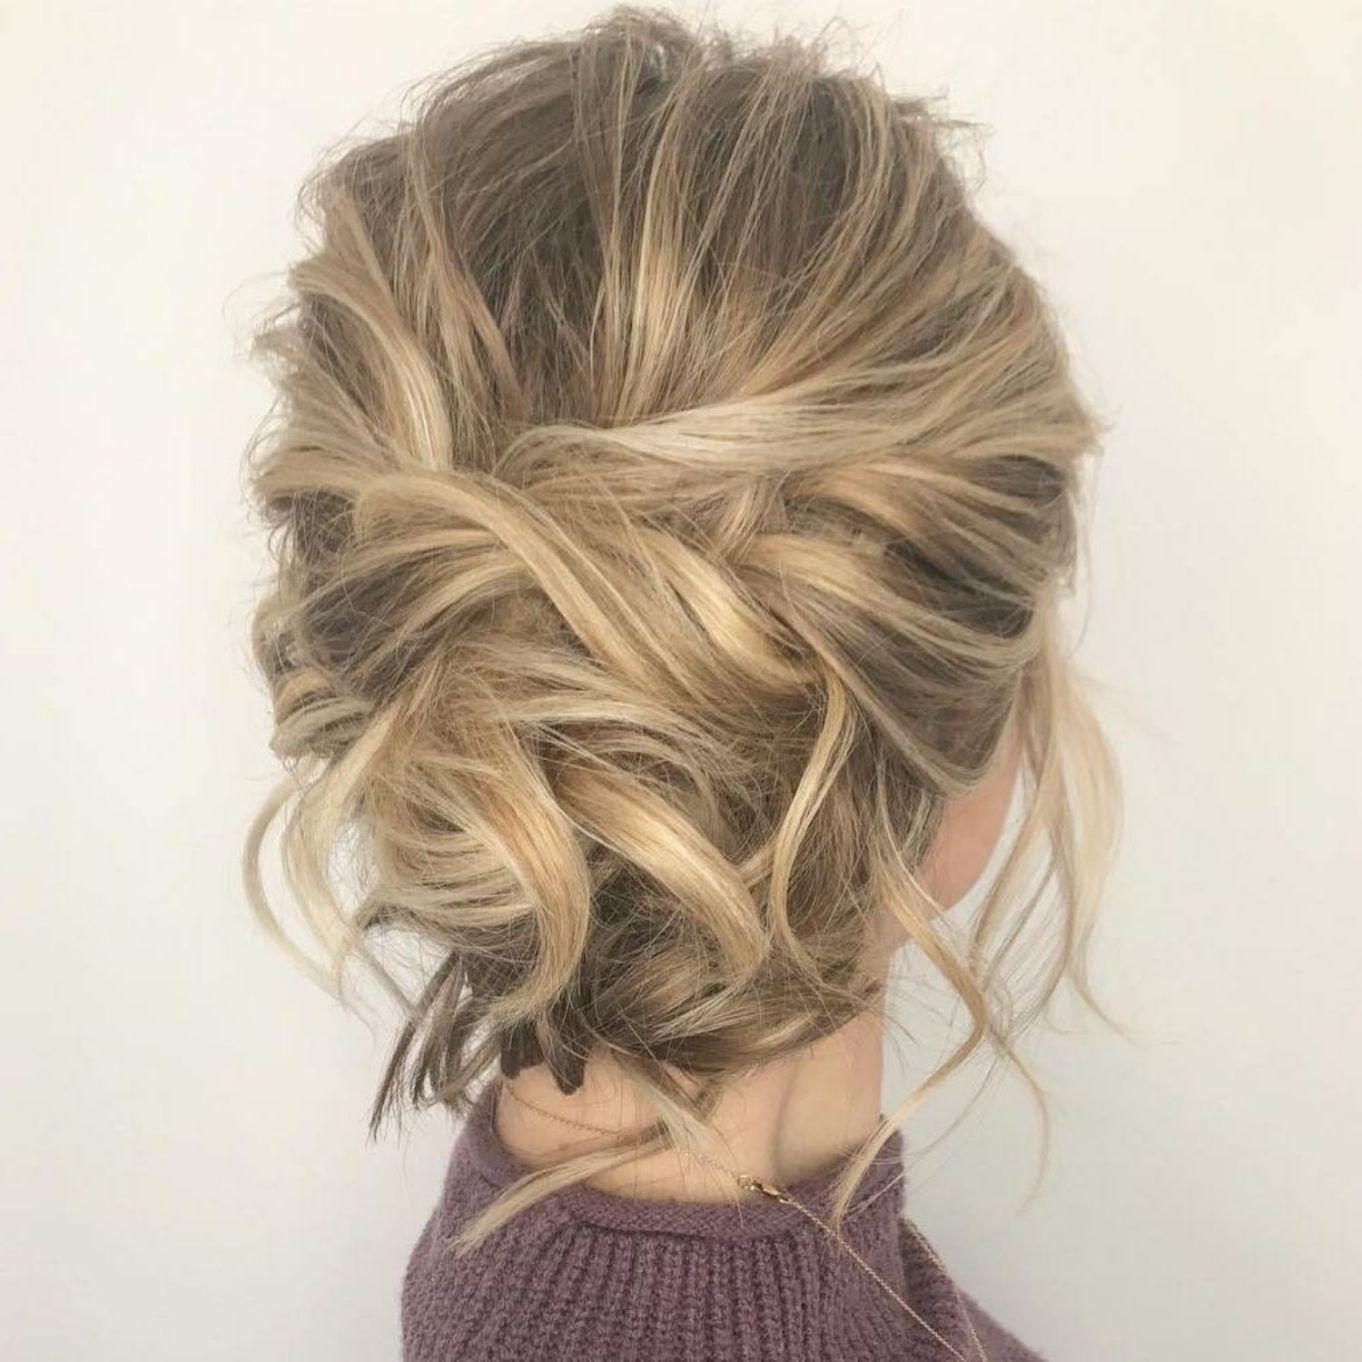 trendiest updos for medium length hair in cute cuts